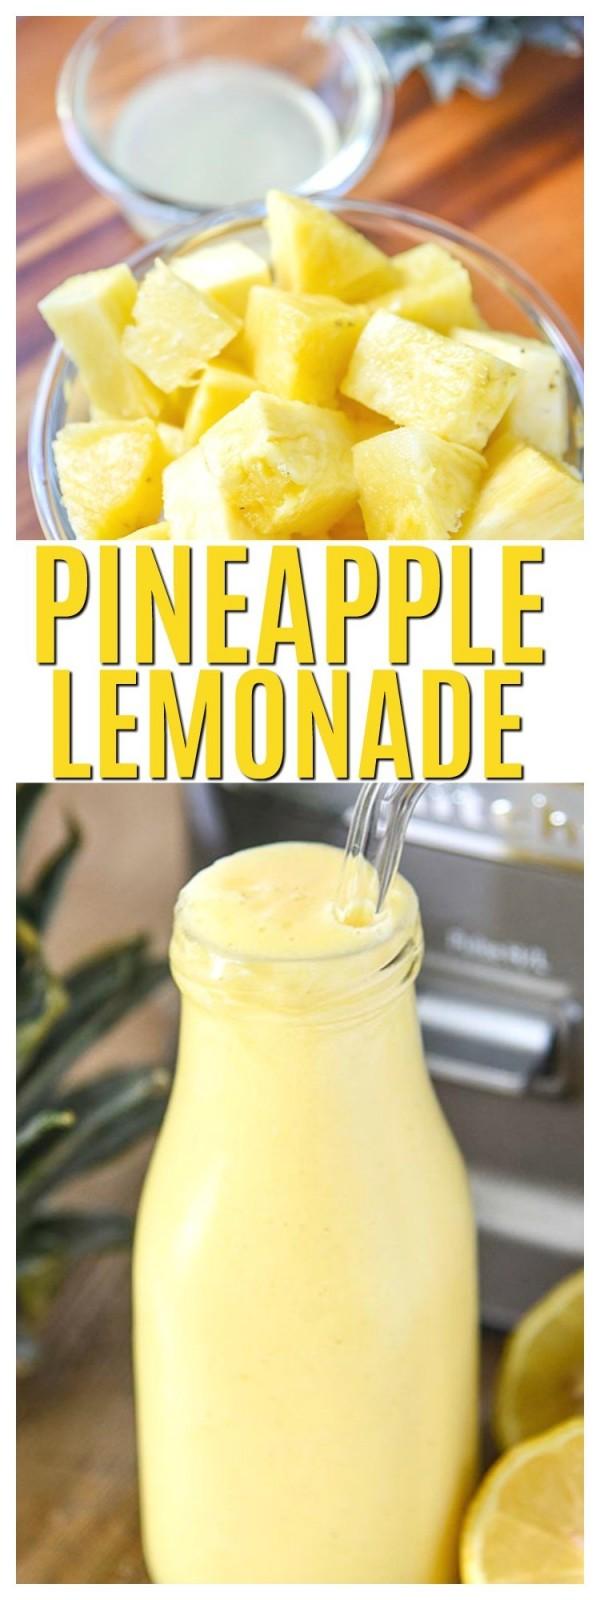 Get the recipe Pineapple Lemonade @recipes_to_go